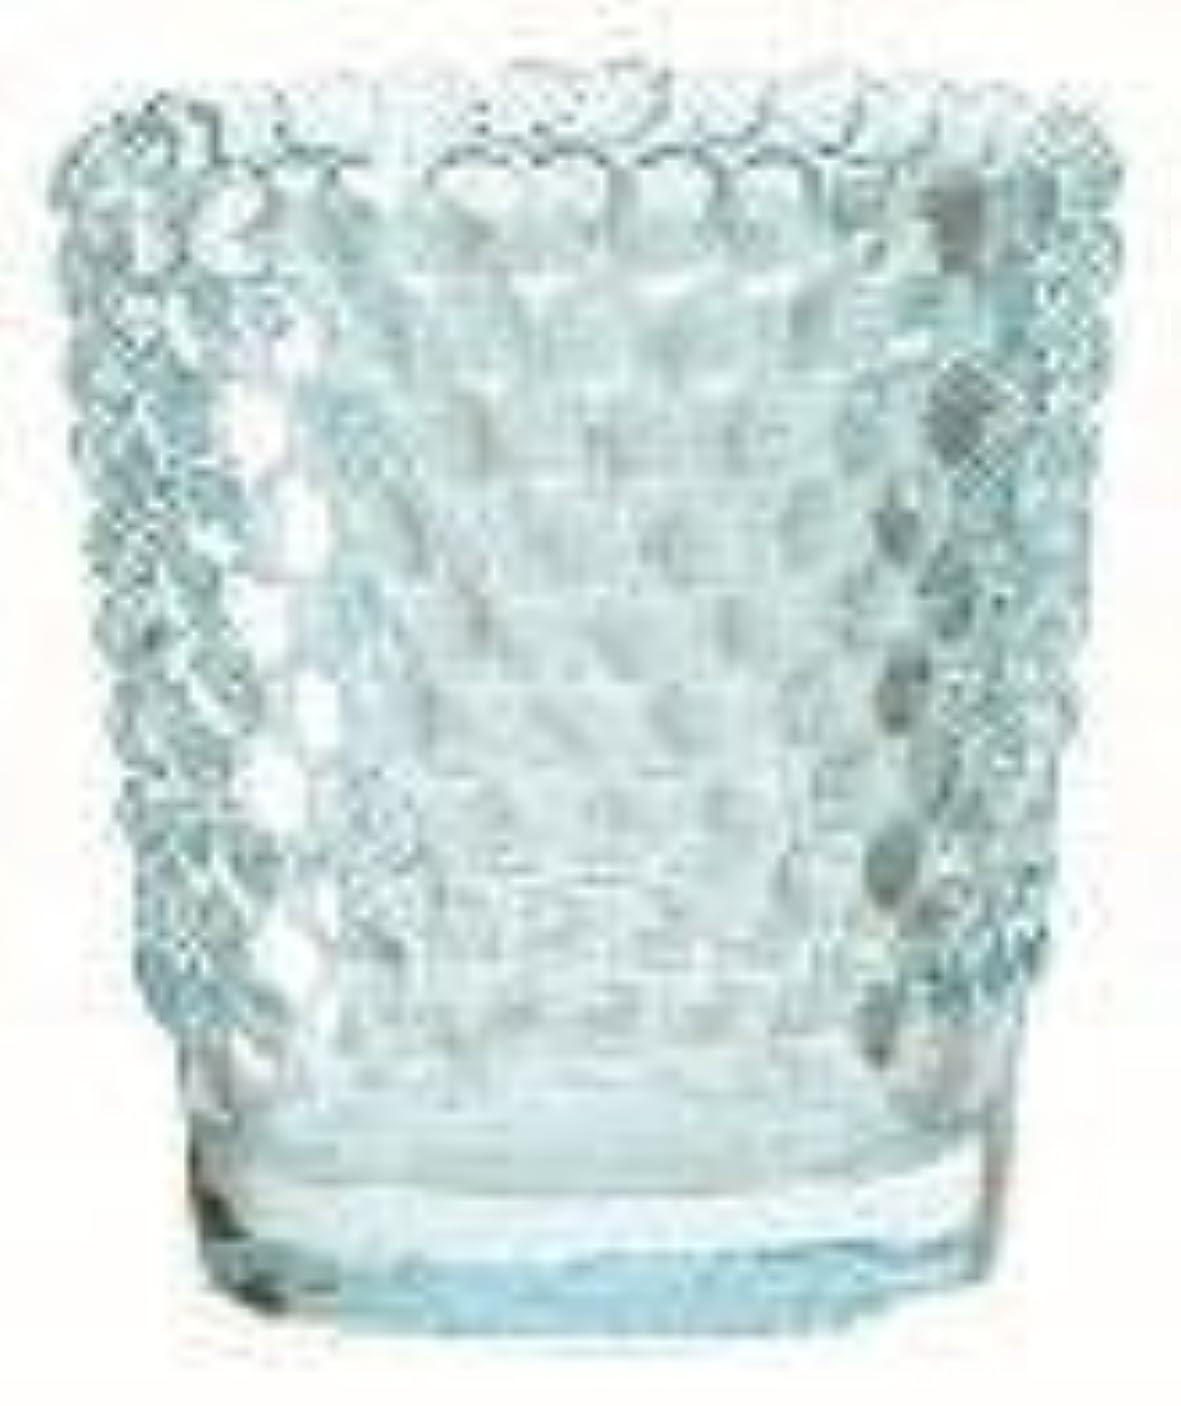 ハンマーコンプリート飢えカメヤマキャンドル(kameyama candle) ホビネルグラス 「 サファイア 」6個セット